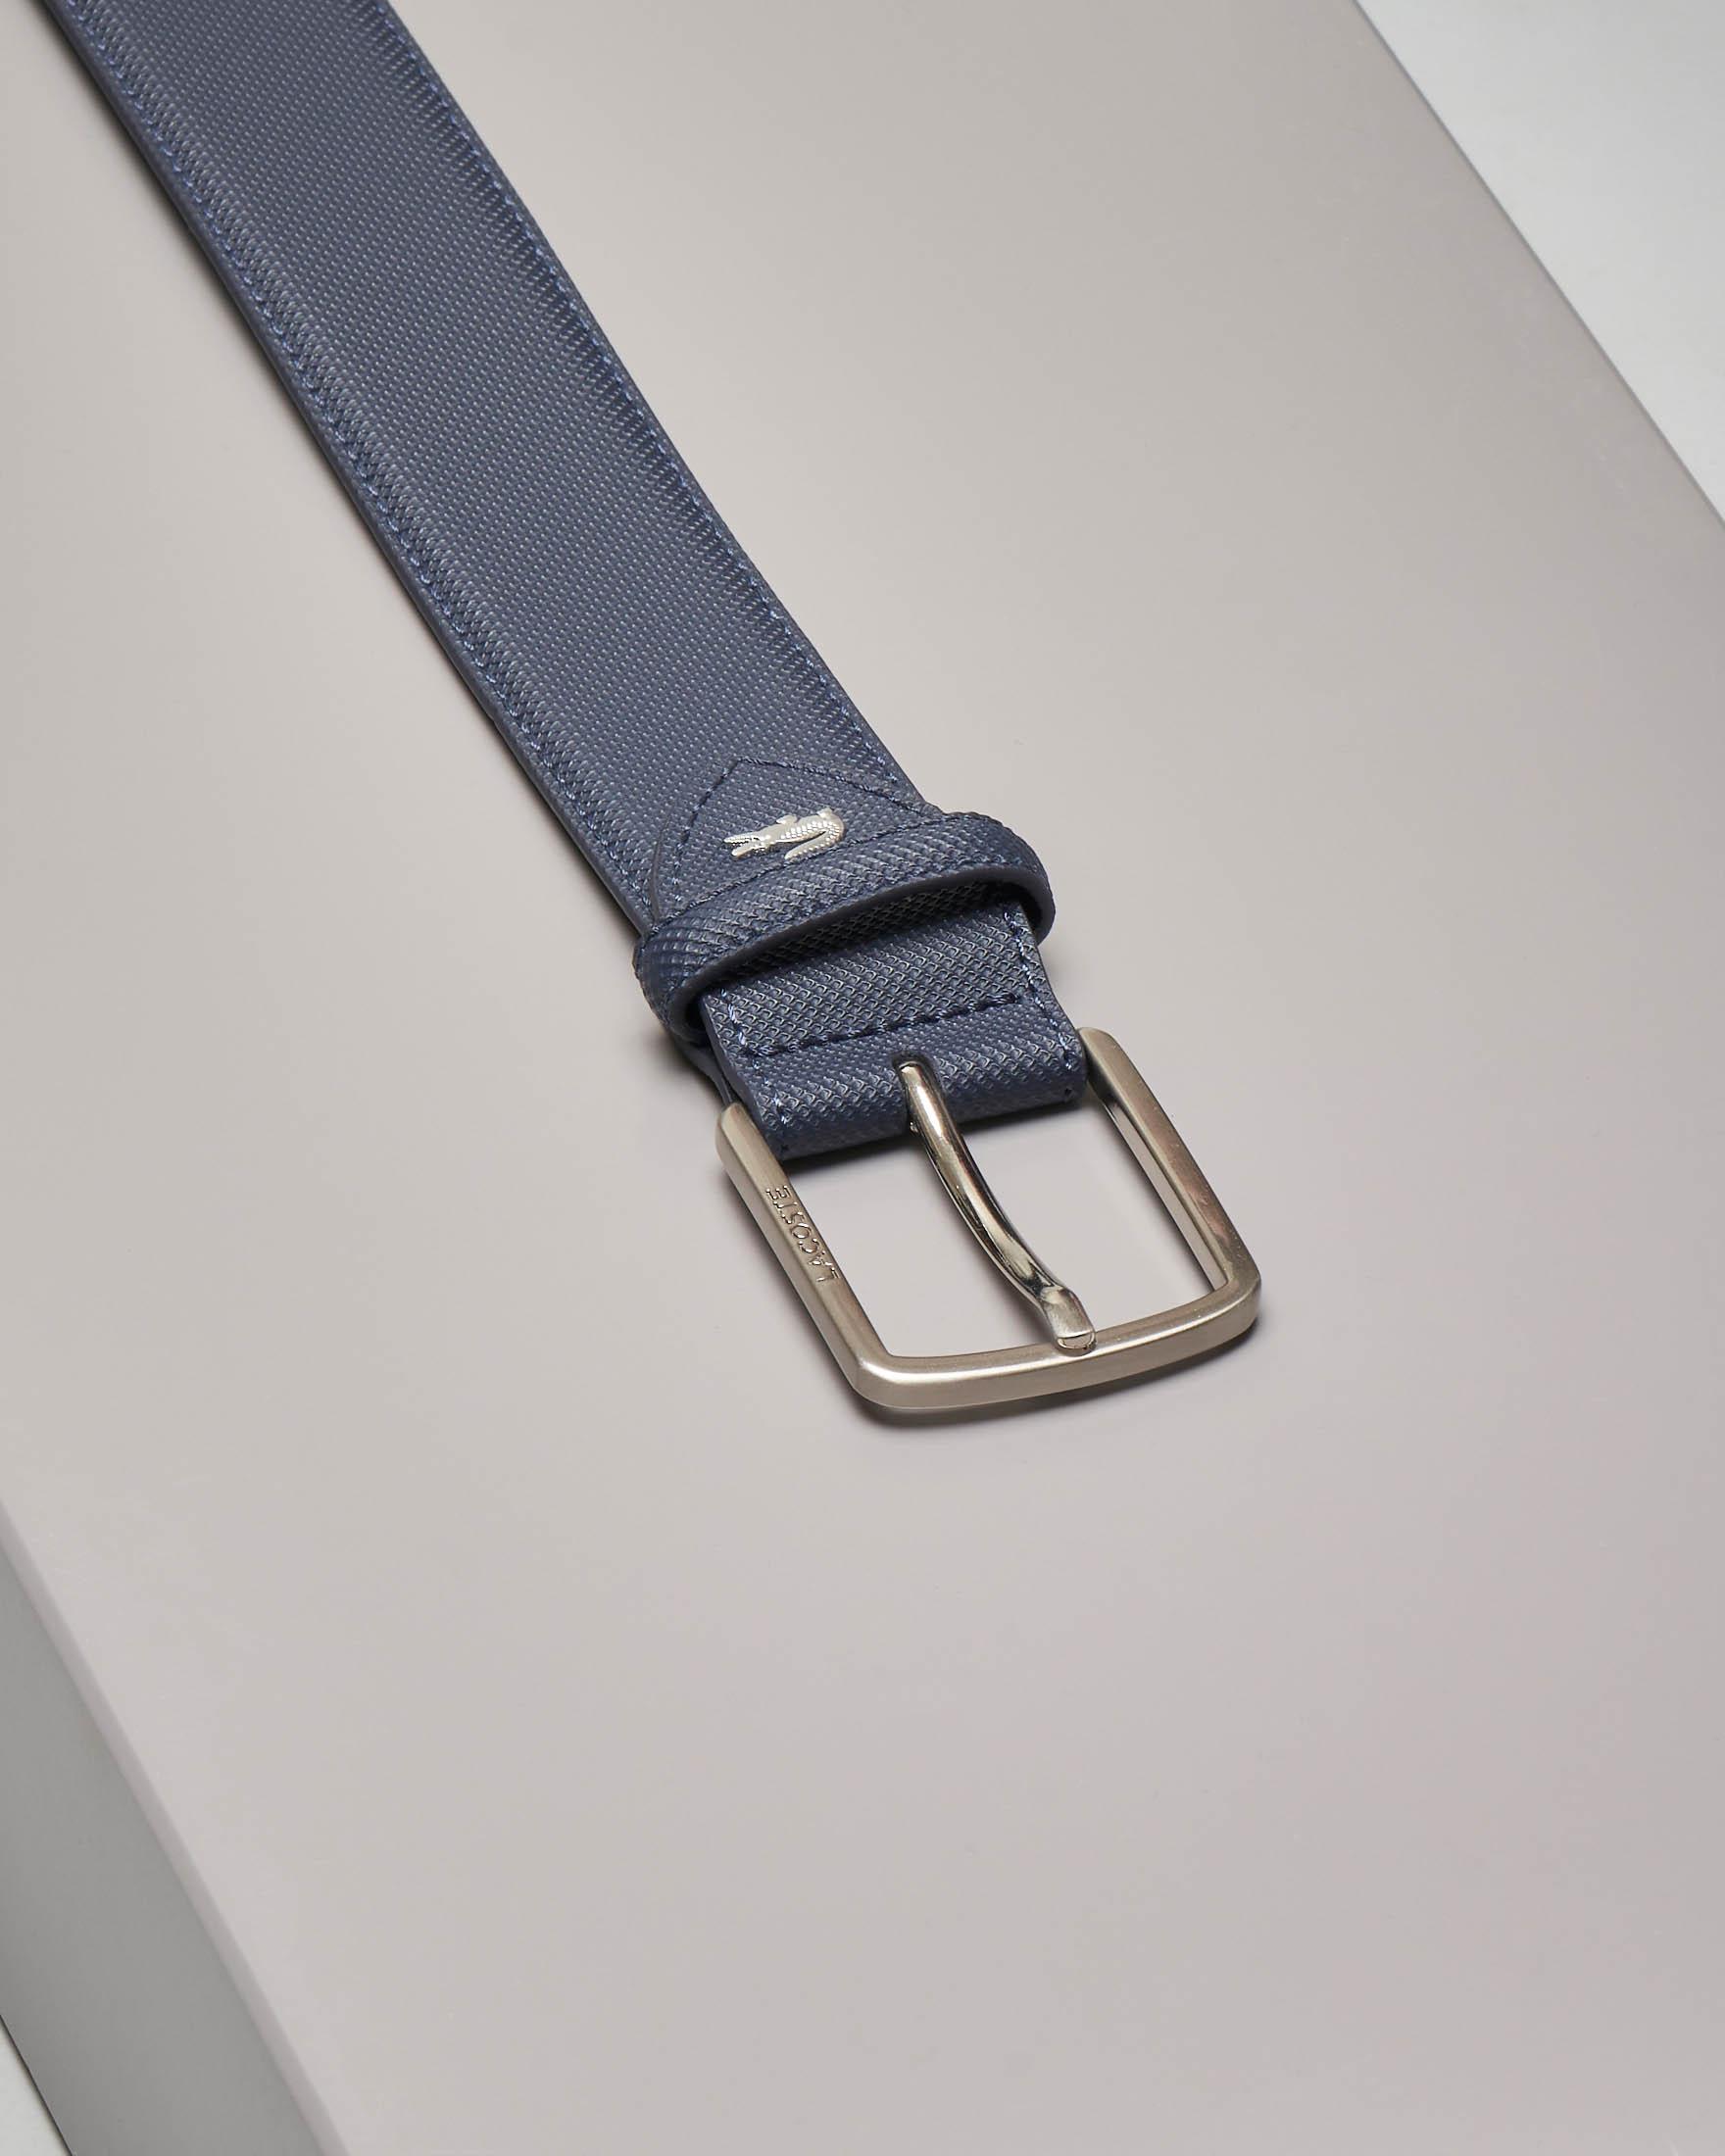 Cintura blu in canvas piqué con coccodrillo in metallo applicato